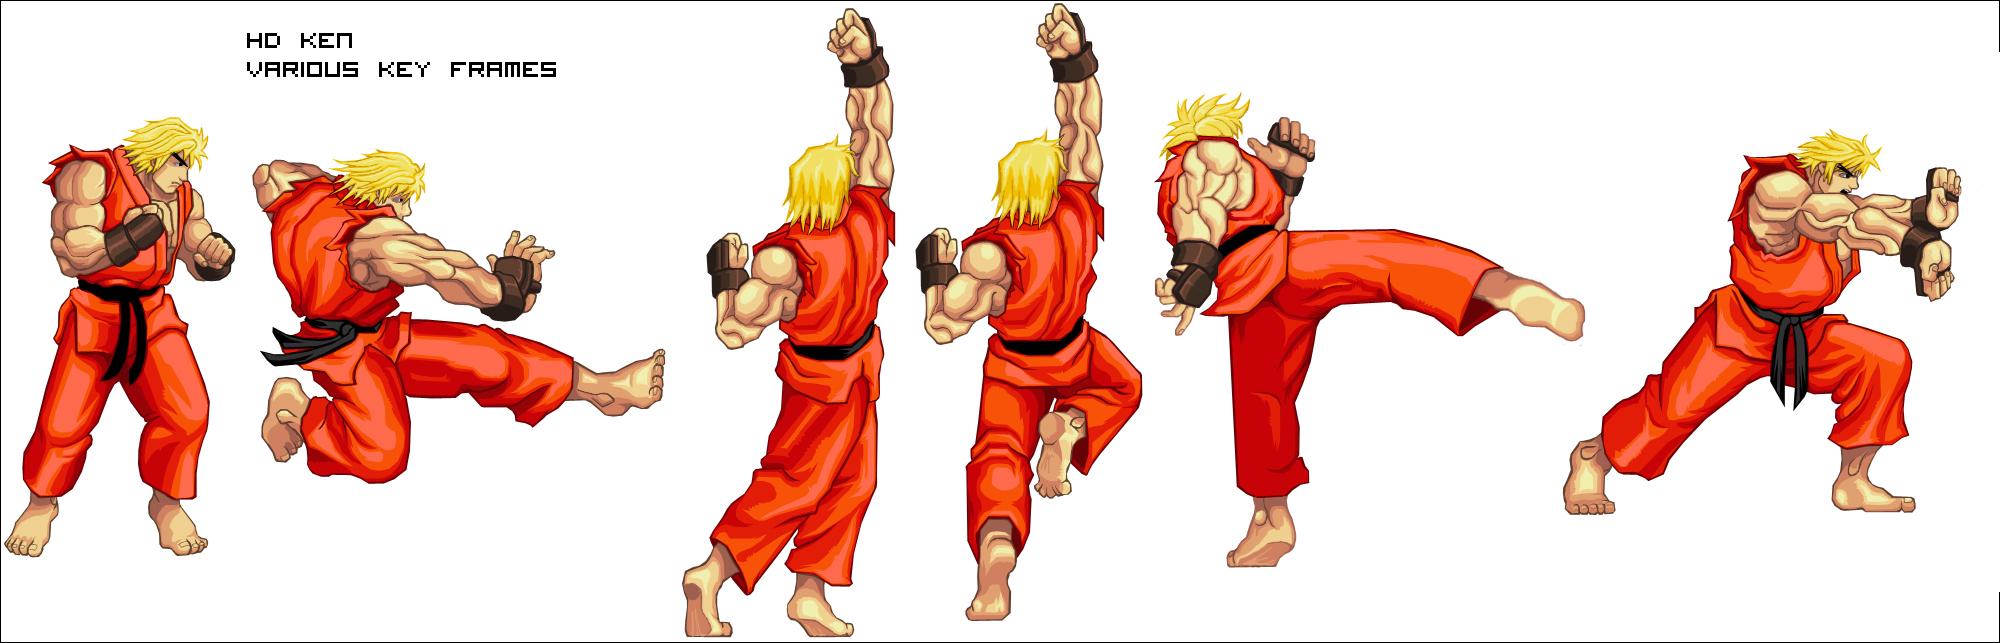 Ryu Hadouken Sprite